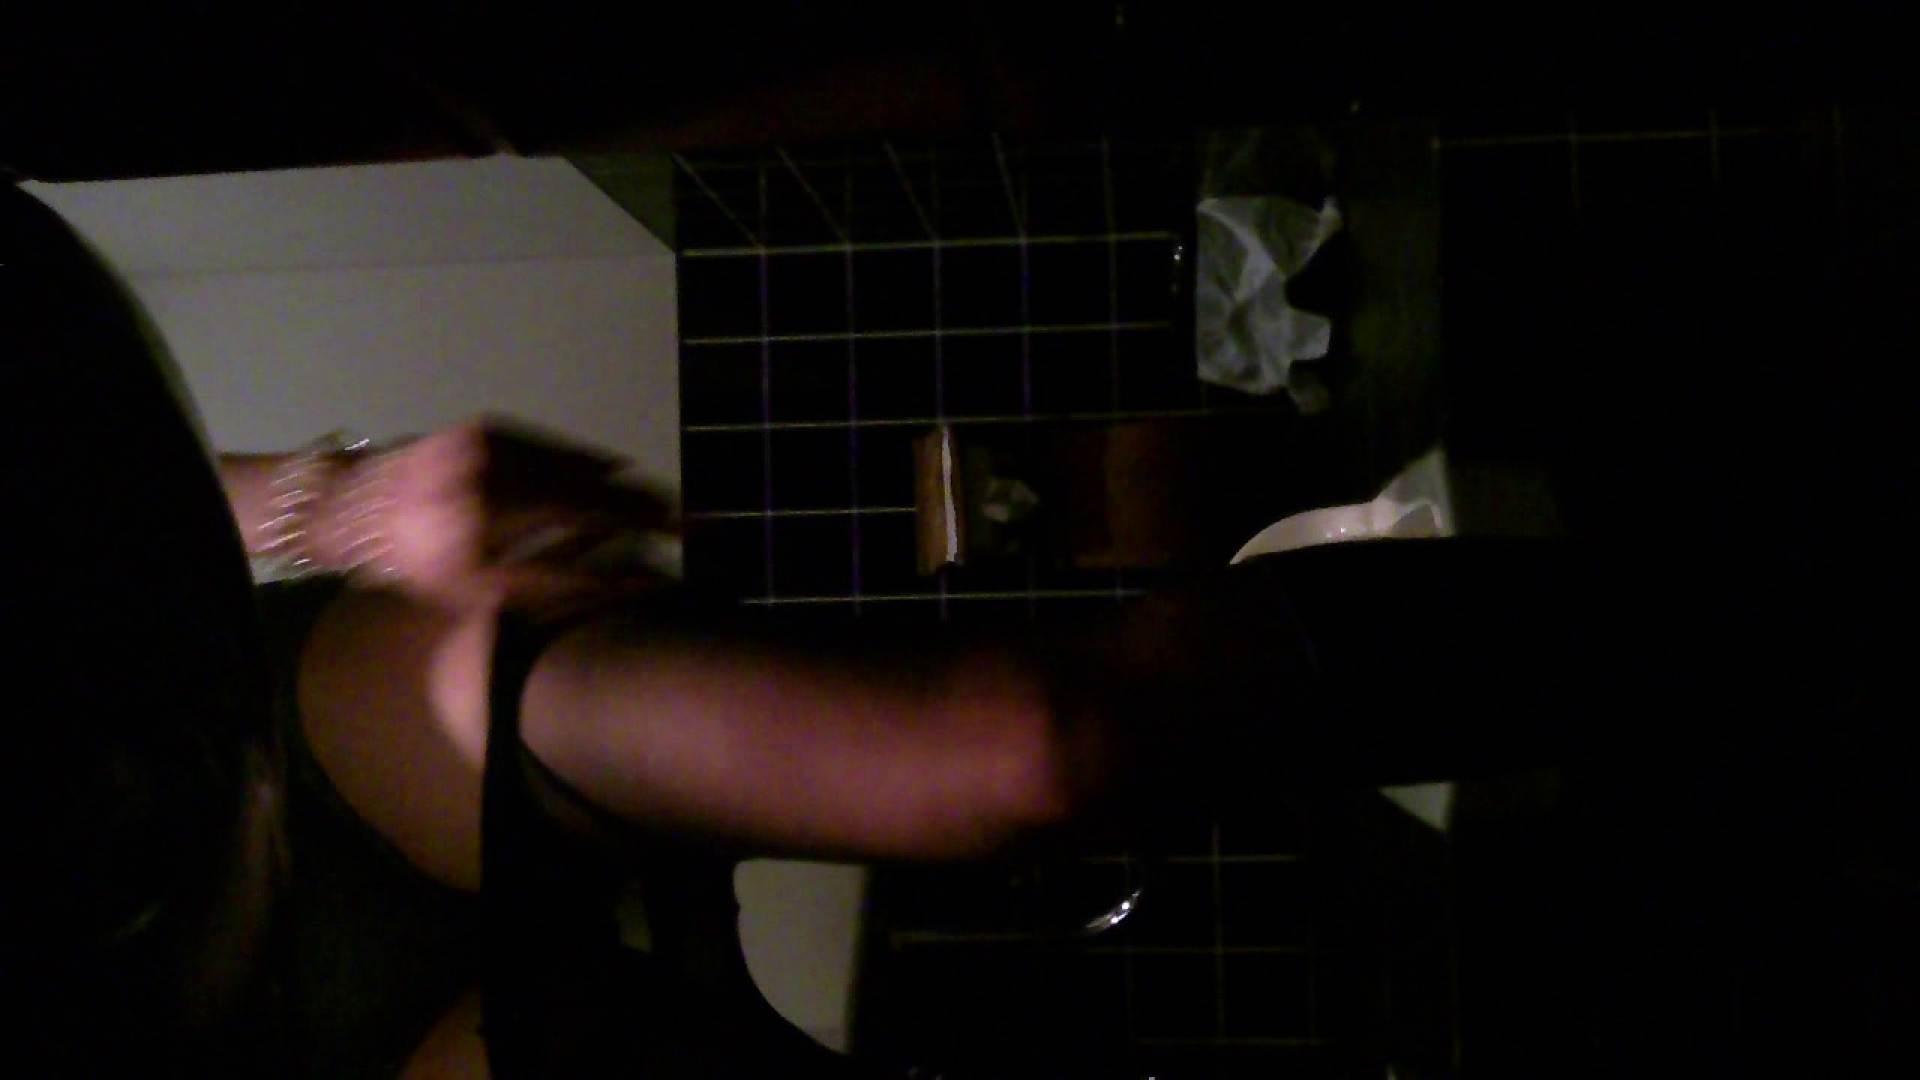 美女の集まる飲み屋洗面所 vol.04 モデル 盗み撮り動画キャプチャ 109連発 78